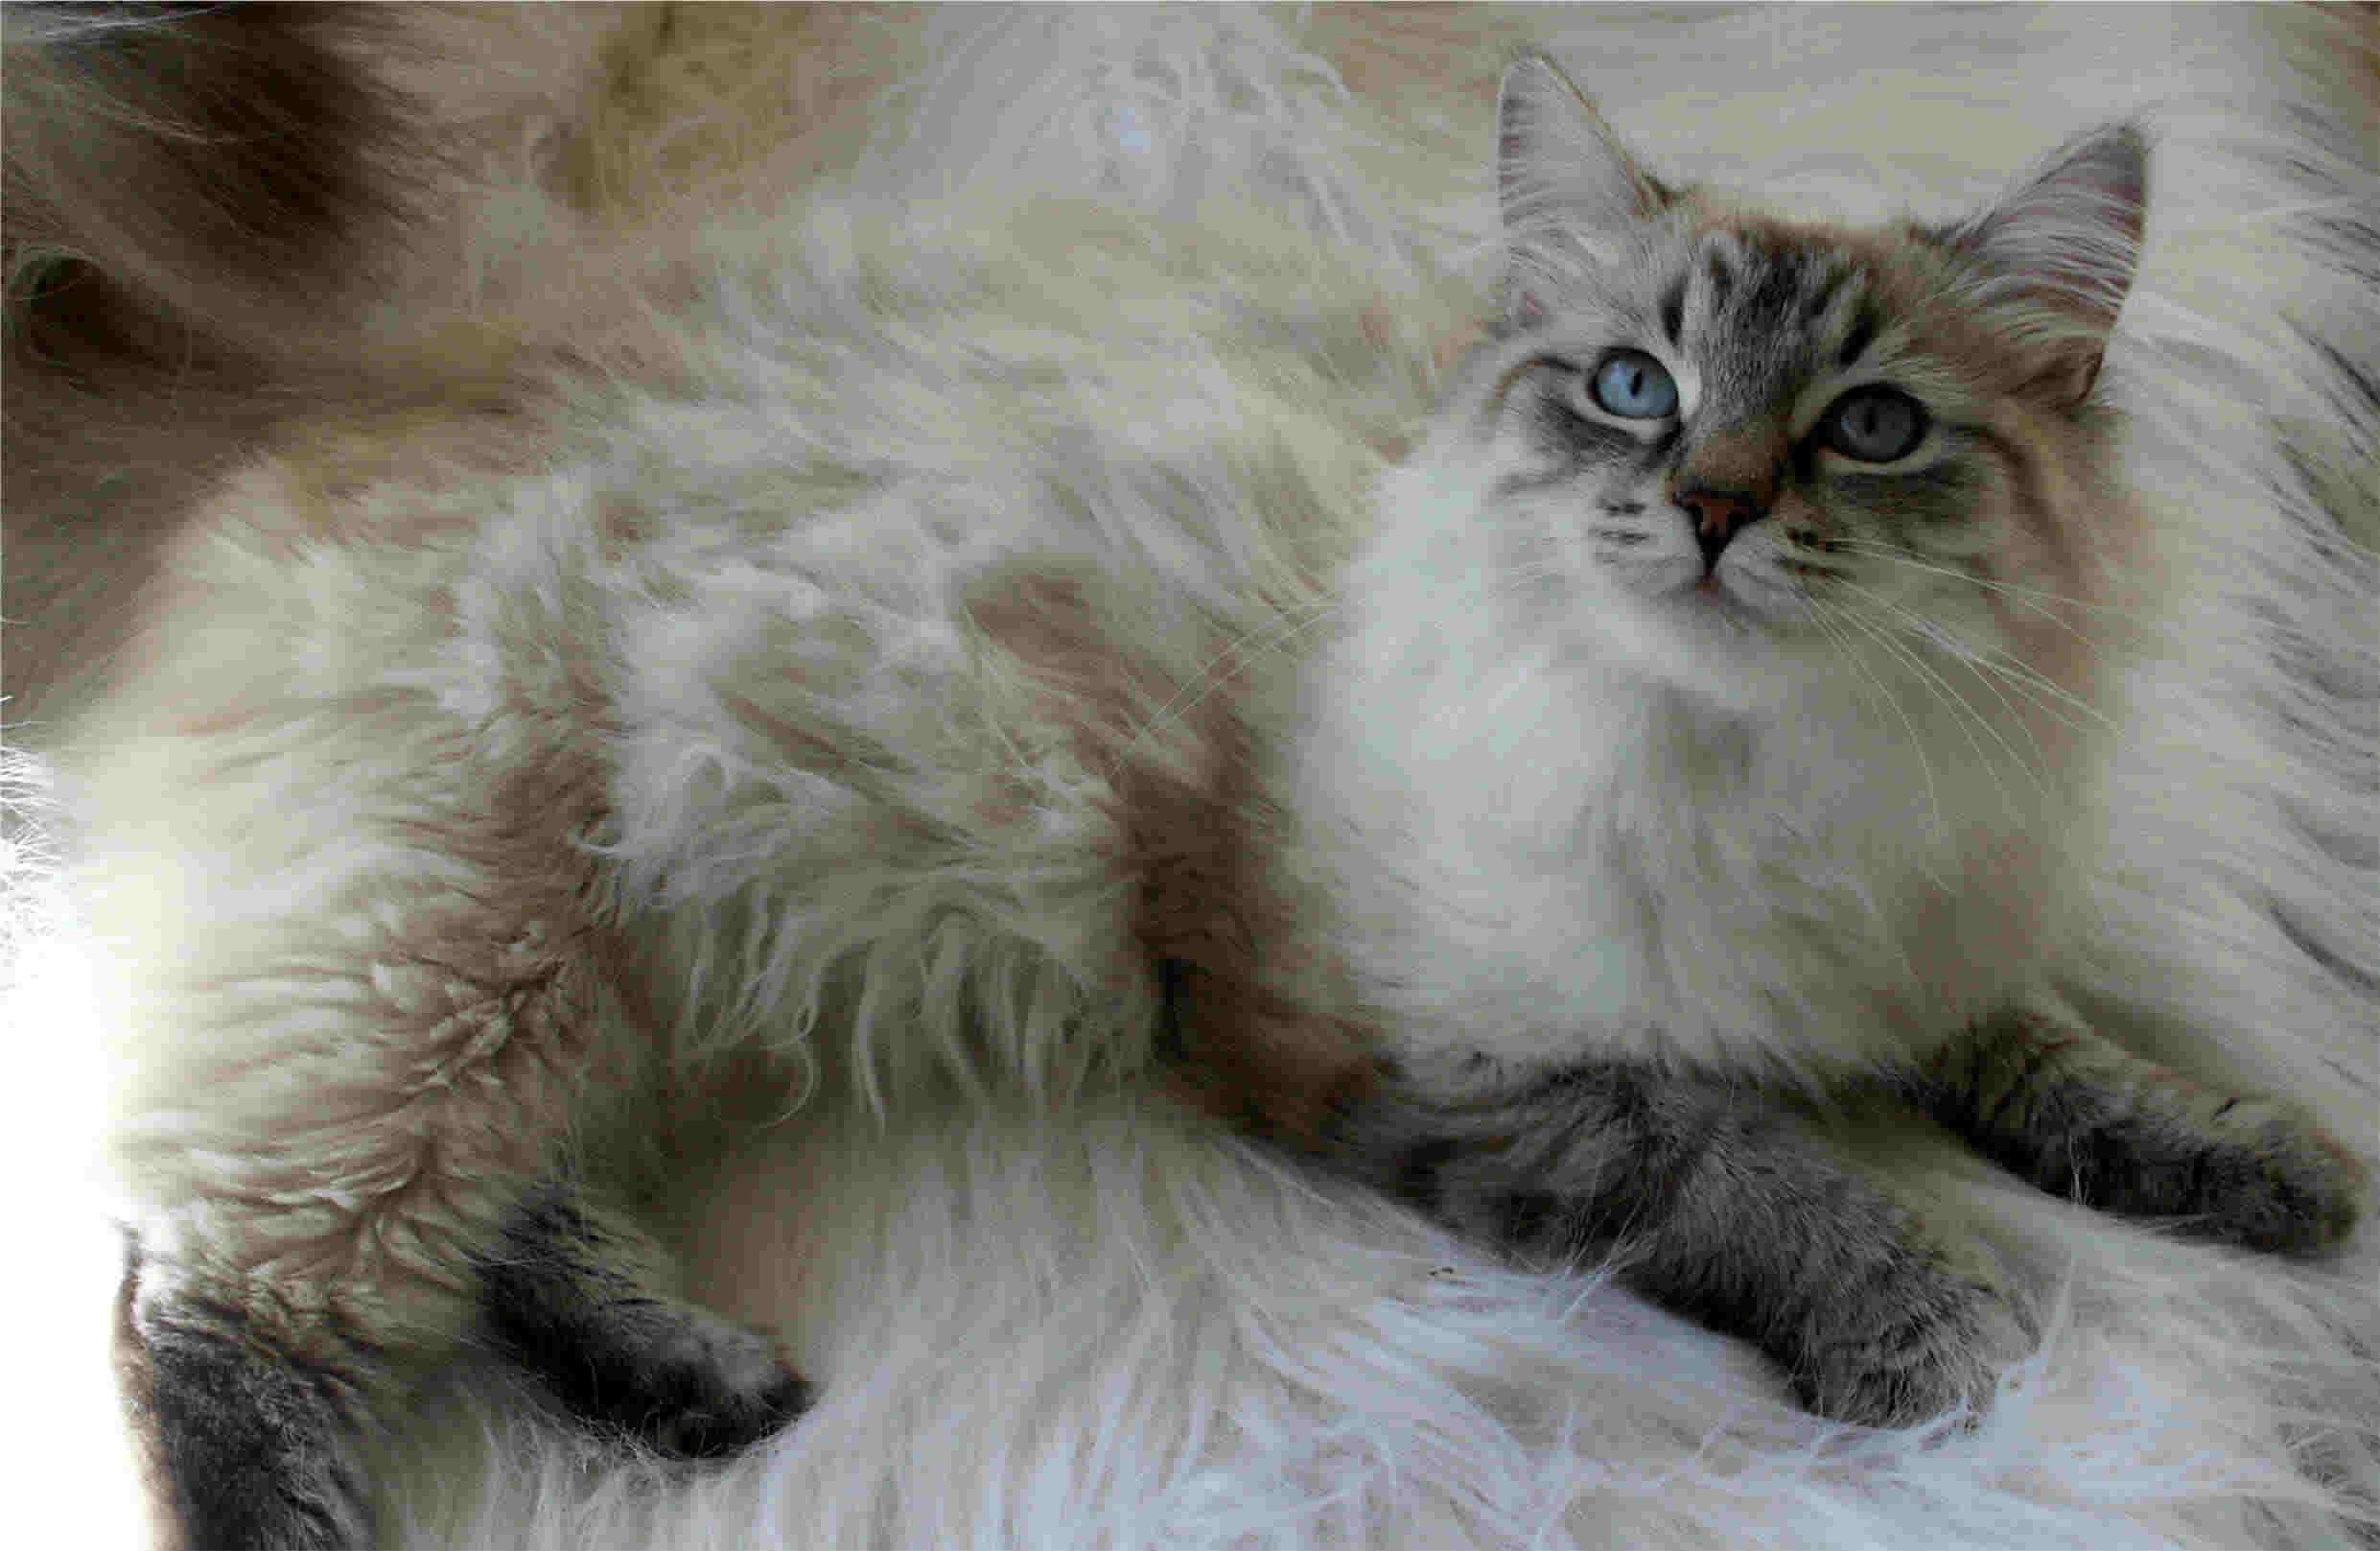 Siberian Cat: Siberian Httpwwwtiptopglobecombig Siberian Cat Jpg Breed